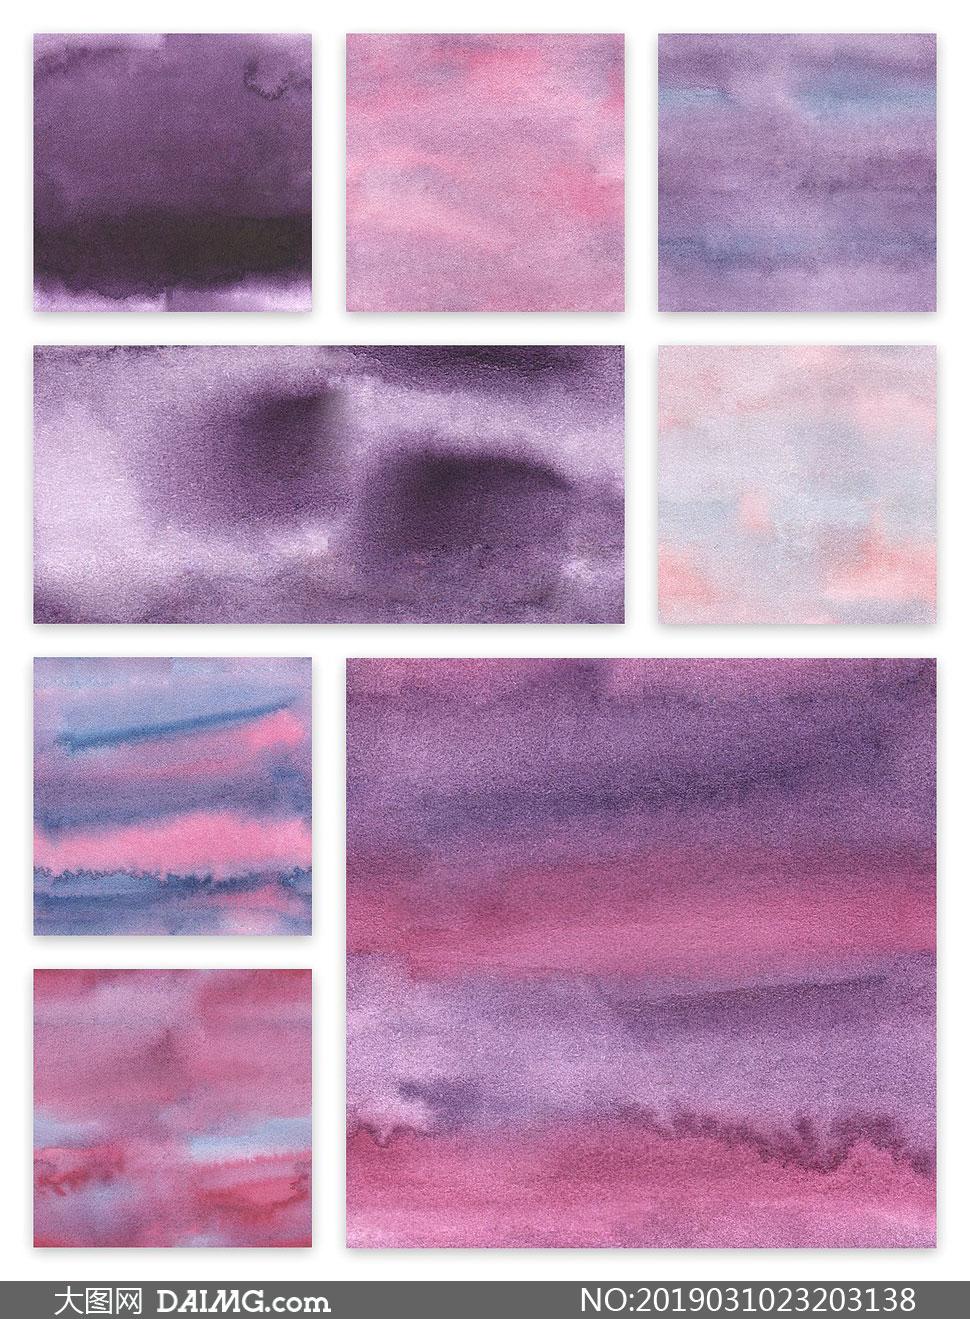 紫色系的水彩底紋背景主題高清圖片